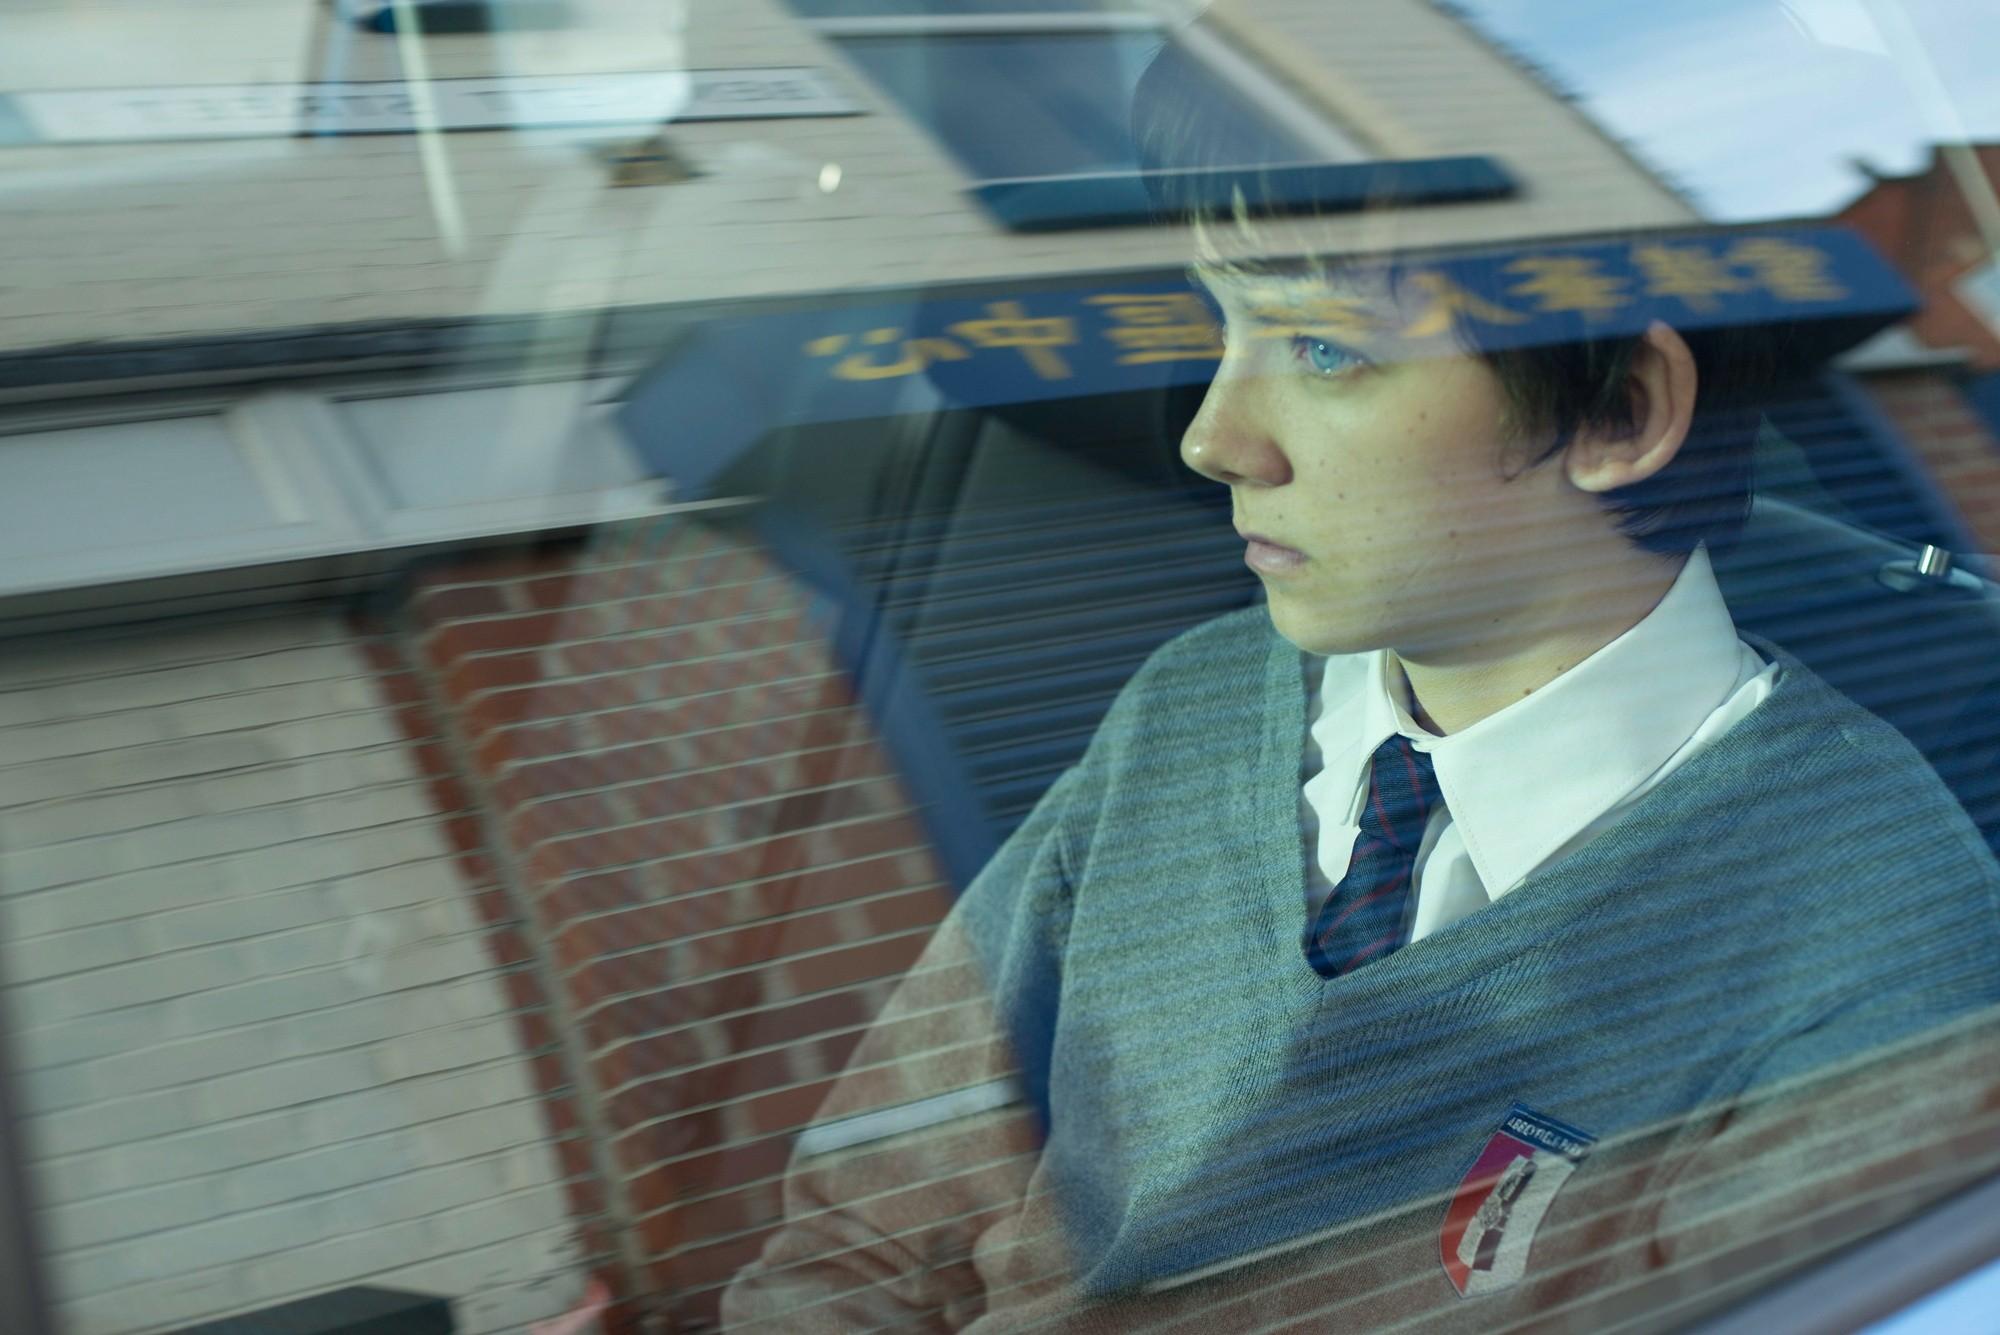 Asa Butterfield For Desktop Background